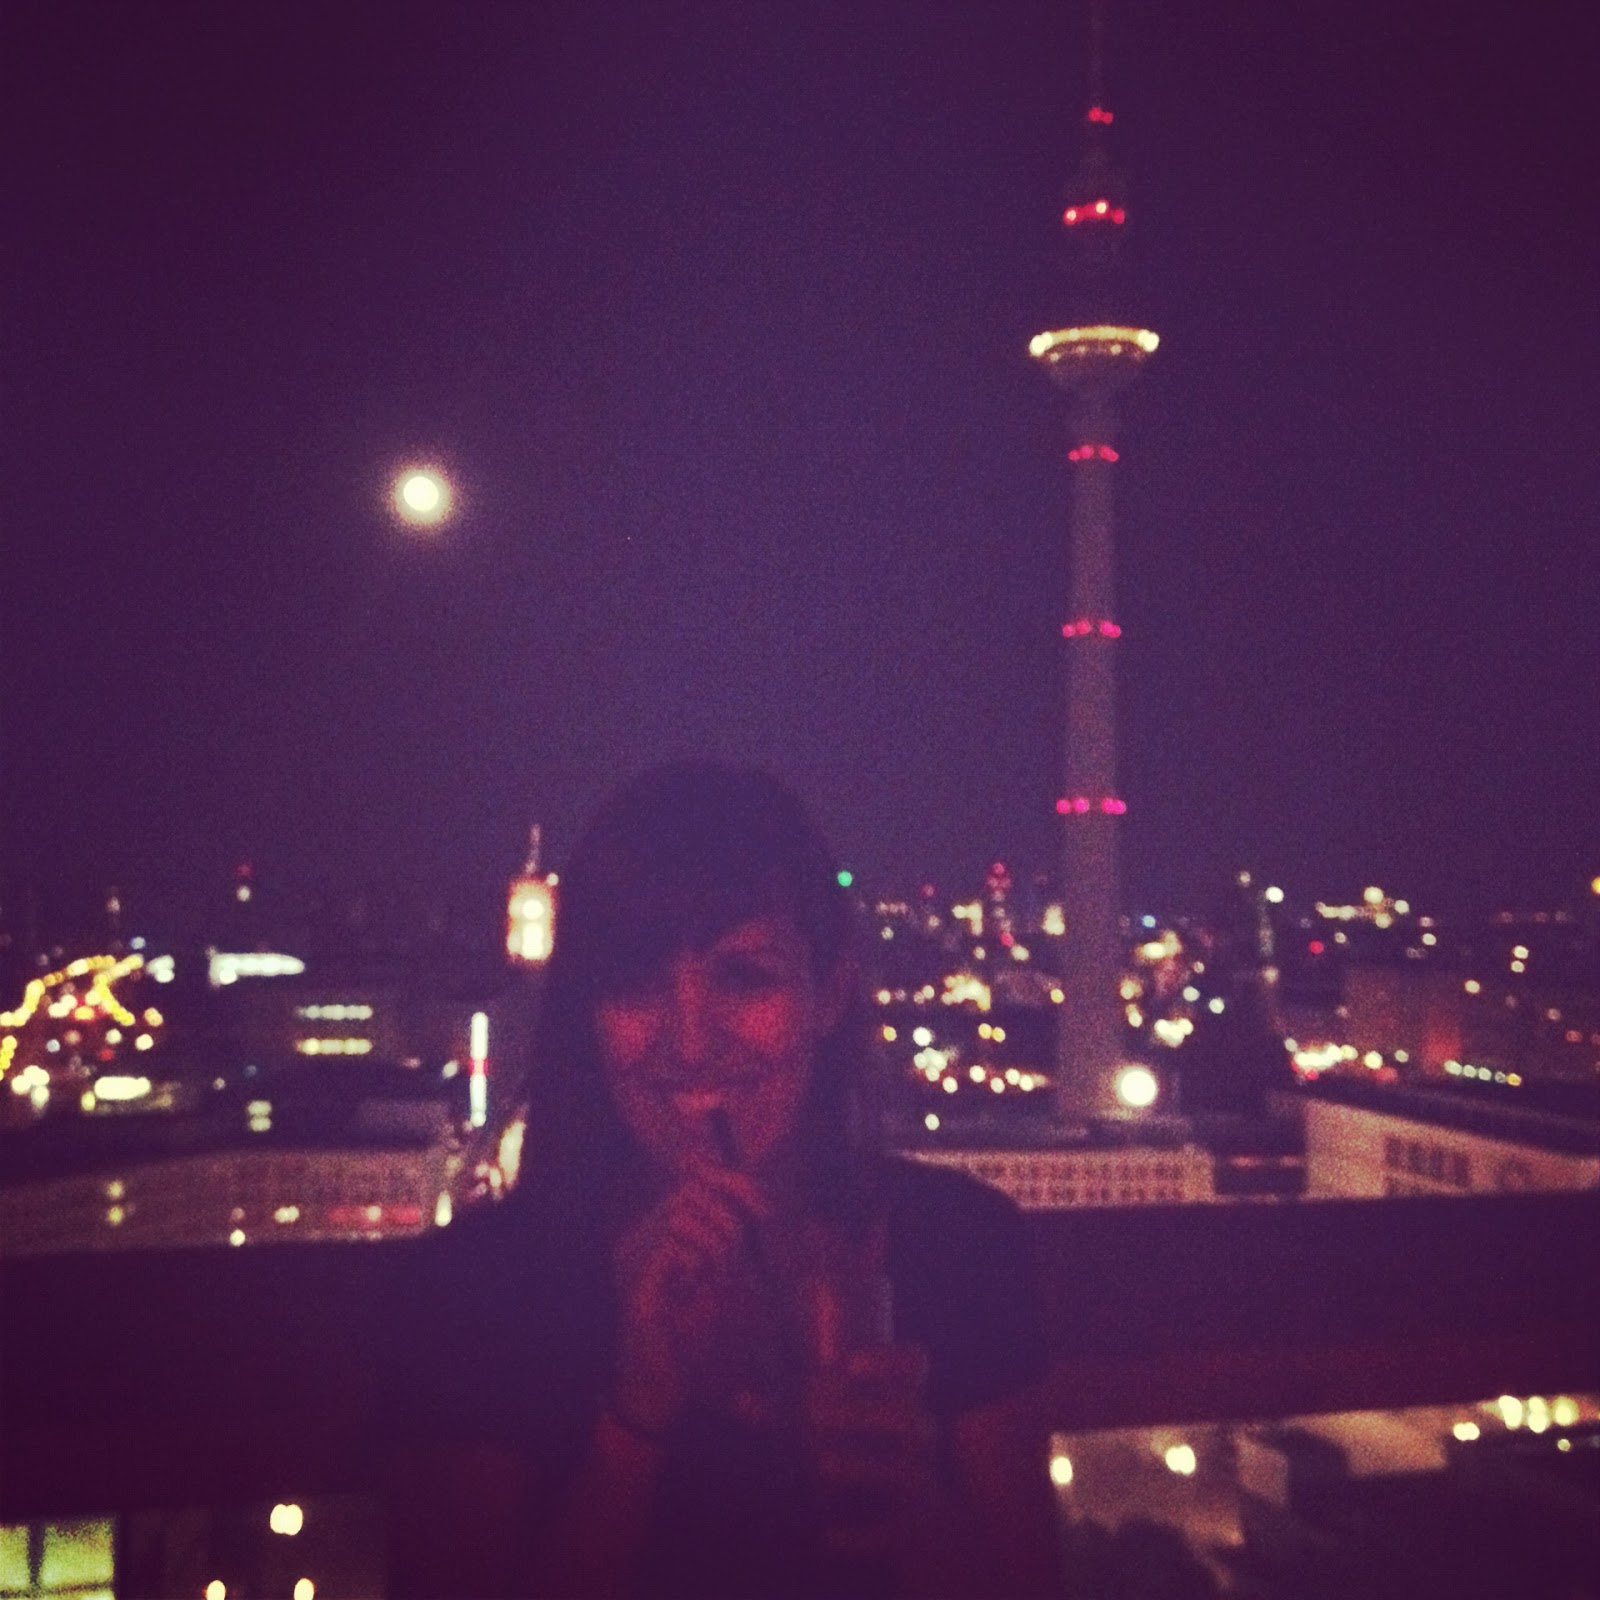 Me at Weekend Club in Alexanderplatz, Berlin